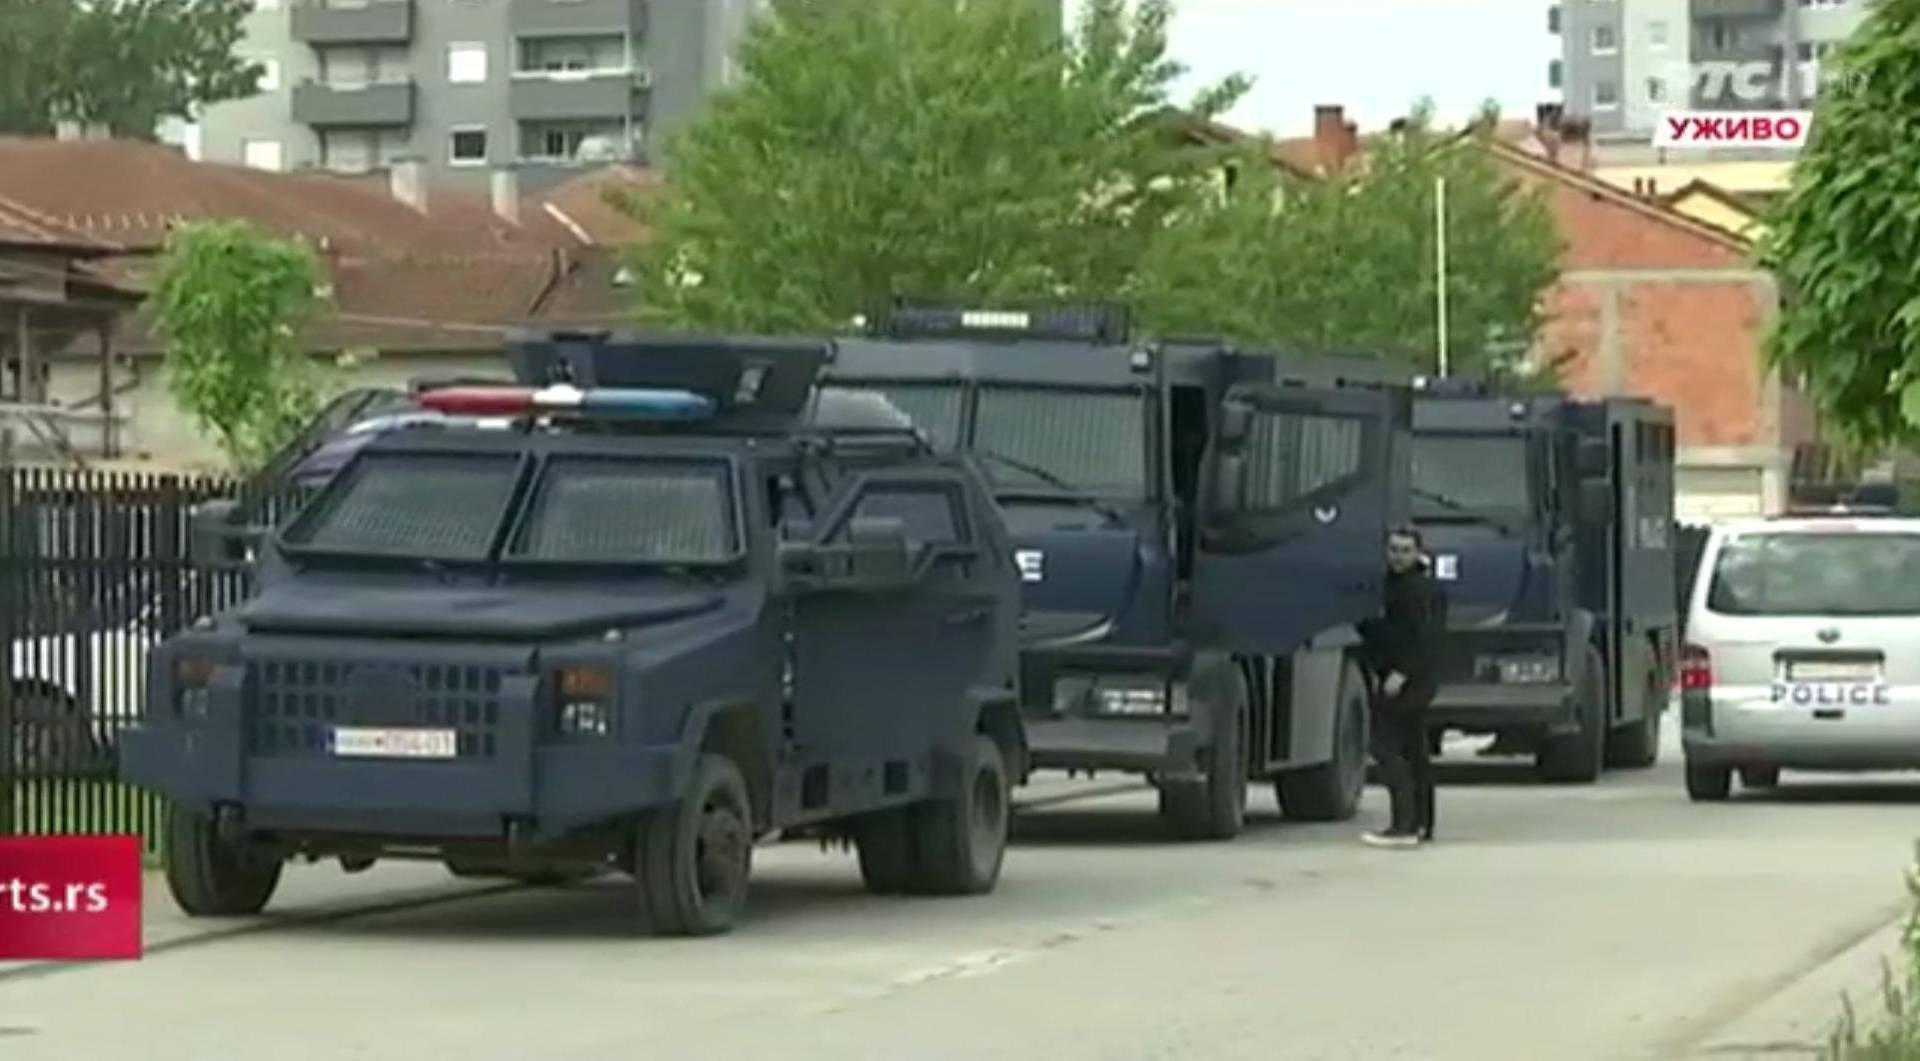 Specijalna policija s 25 vozila i džipova upala na sjever Kosova